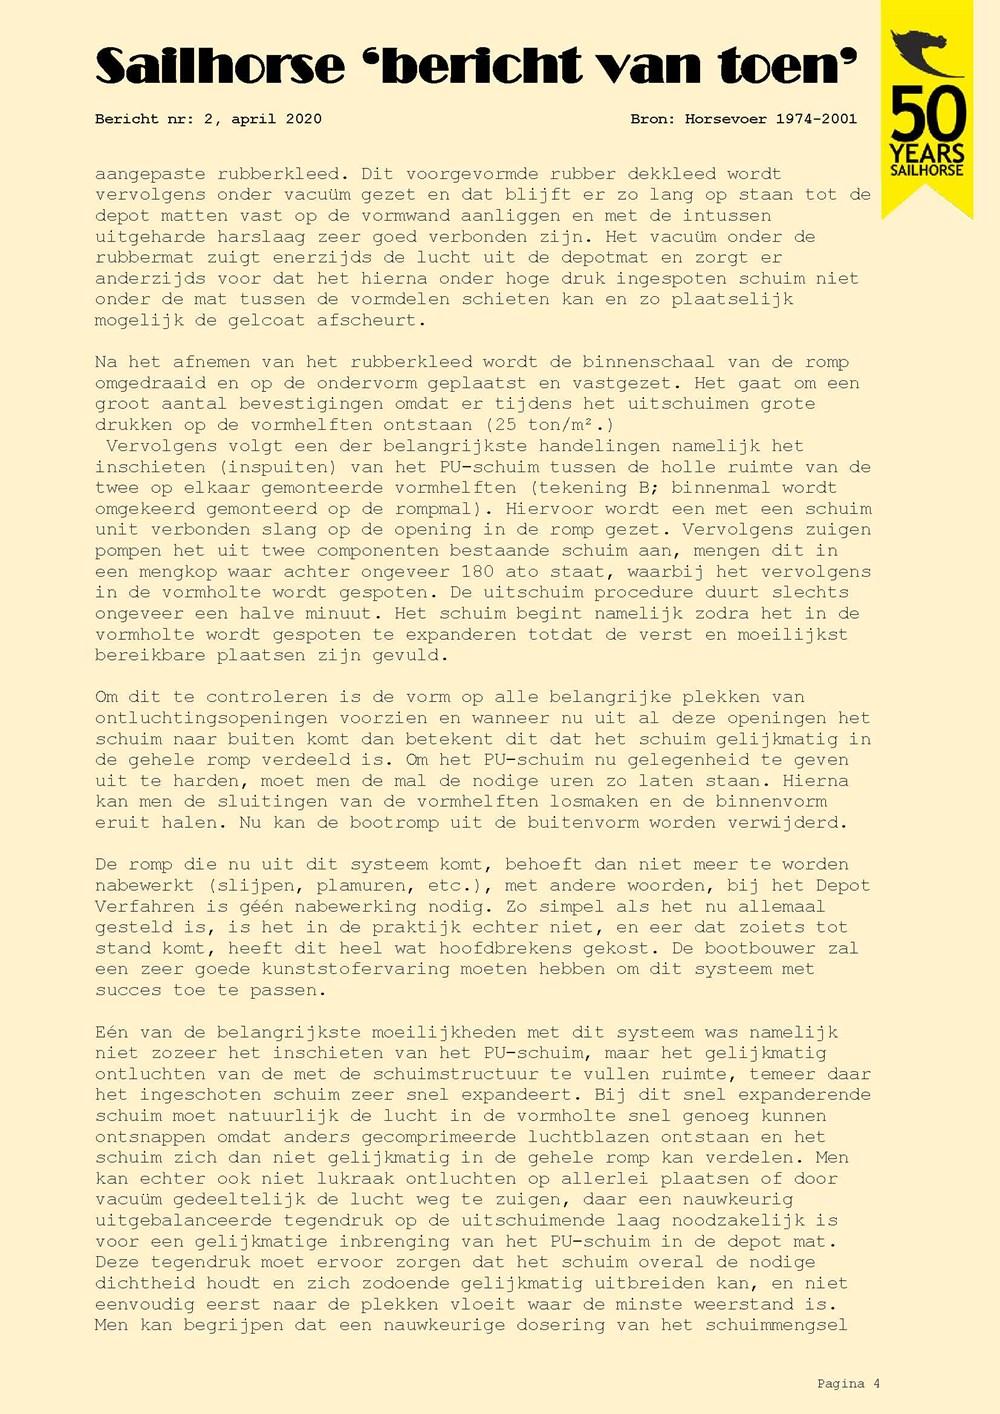 Bericht_van_toen_April_Page_4.jpg